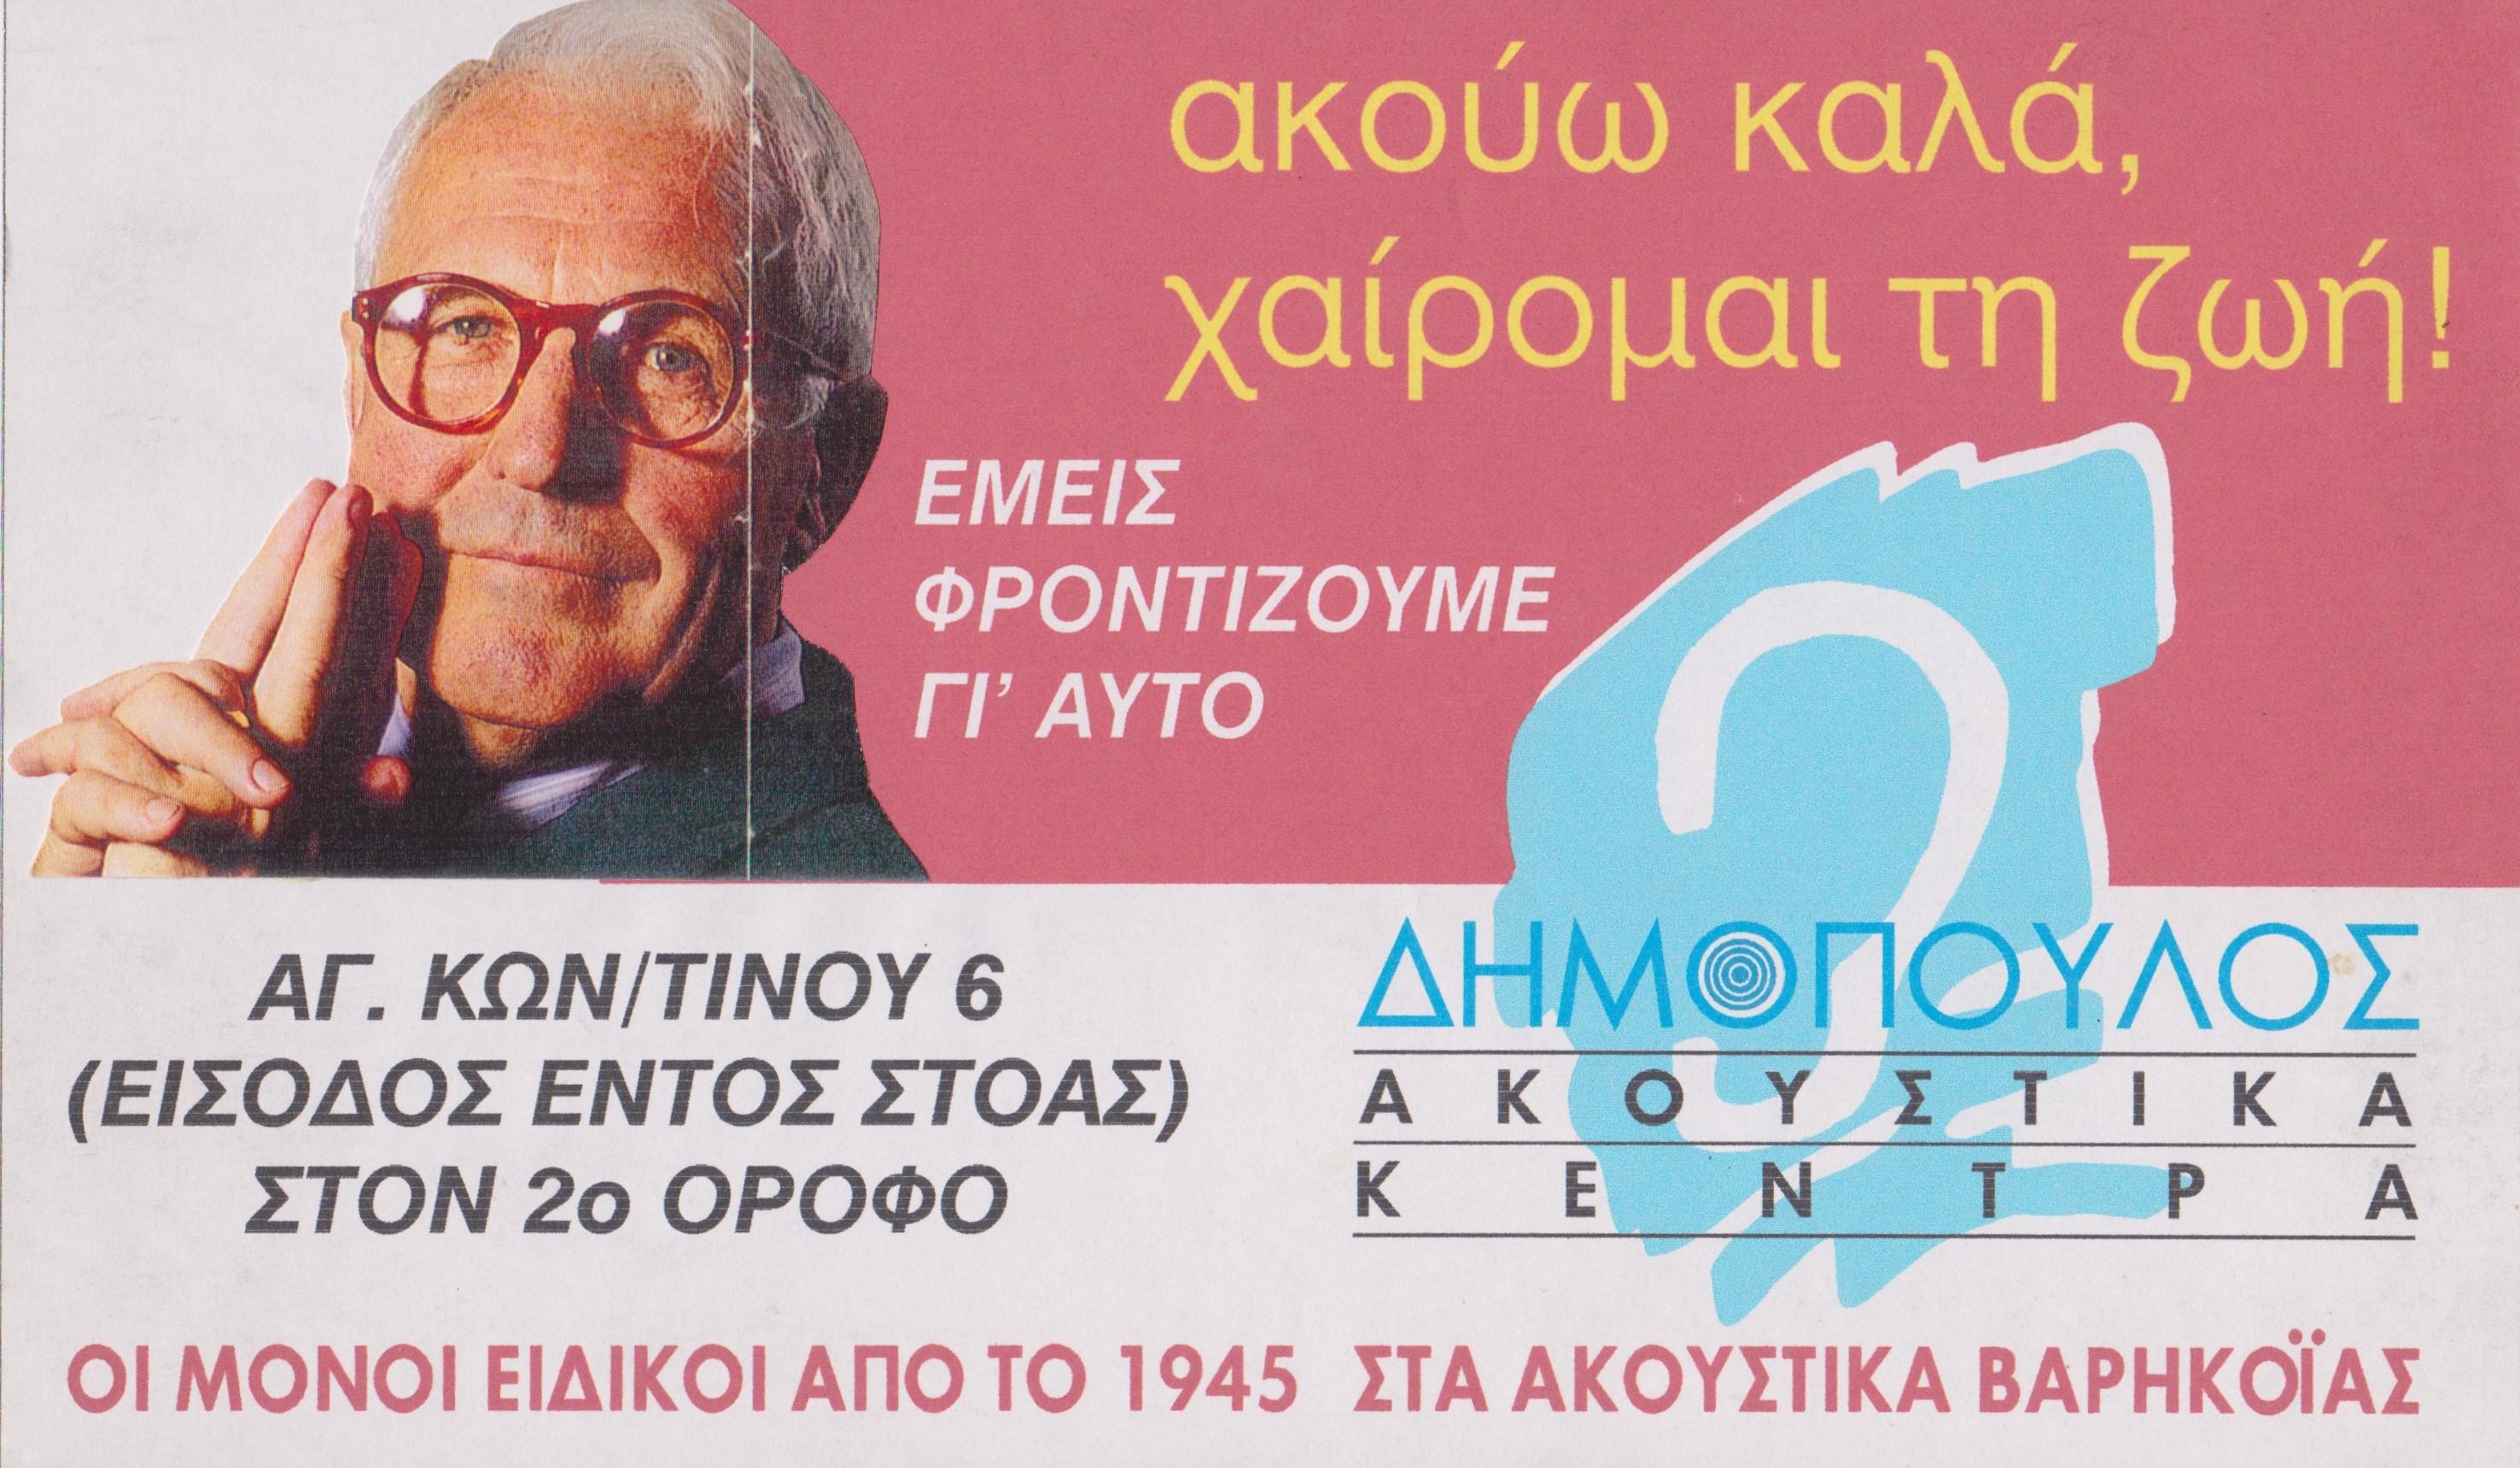 Διαφήμιση το 1995